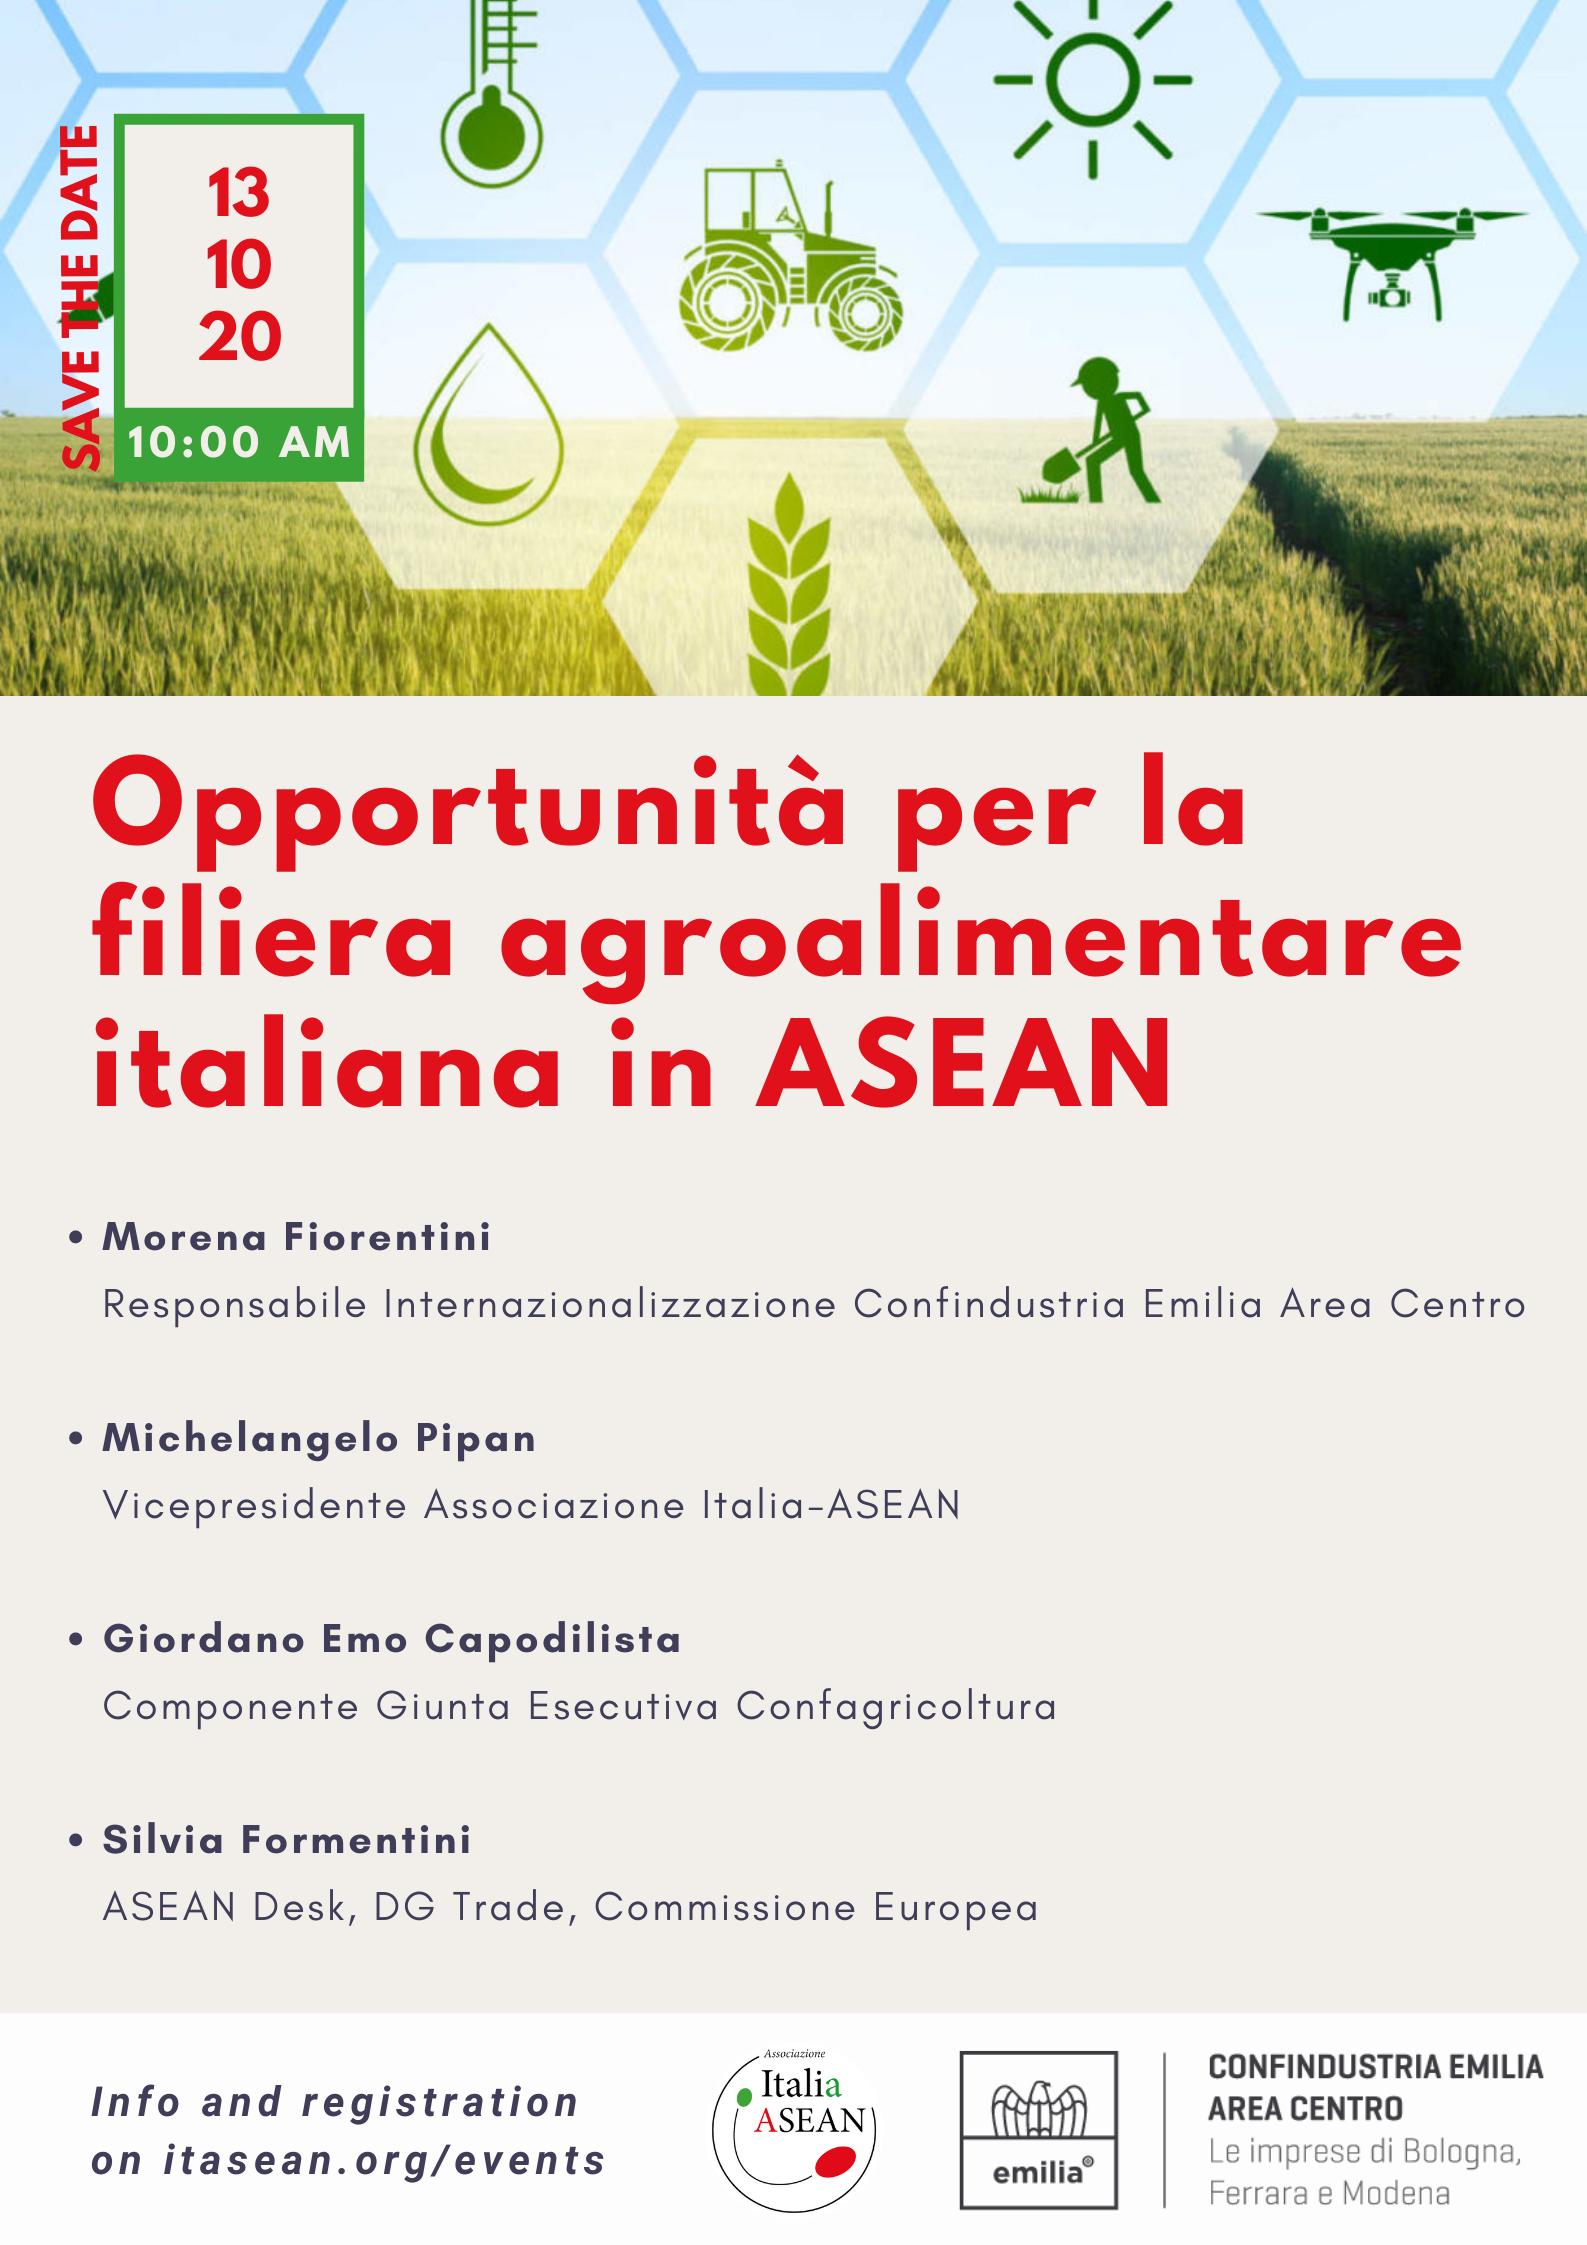 Opportunità per la filiera agroalimentare italiana in ASEAN